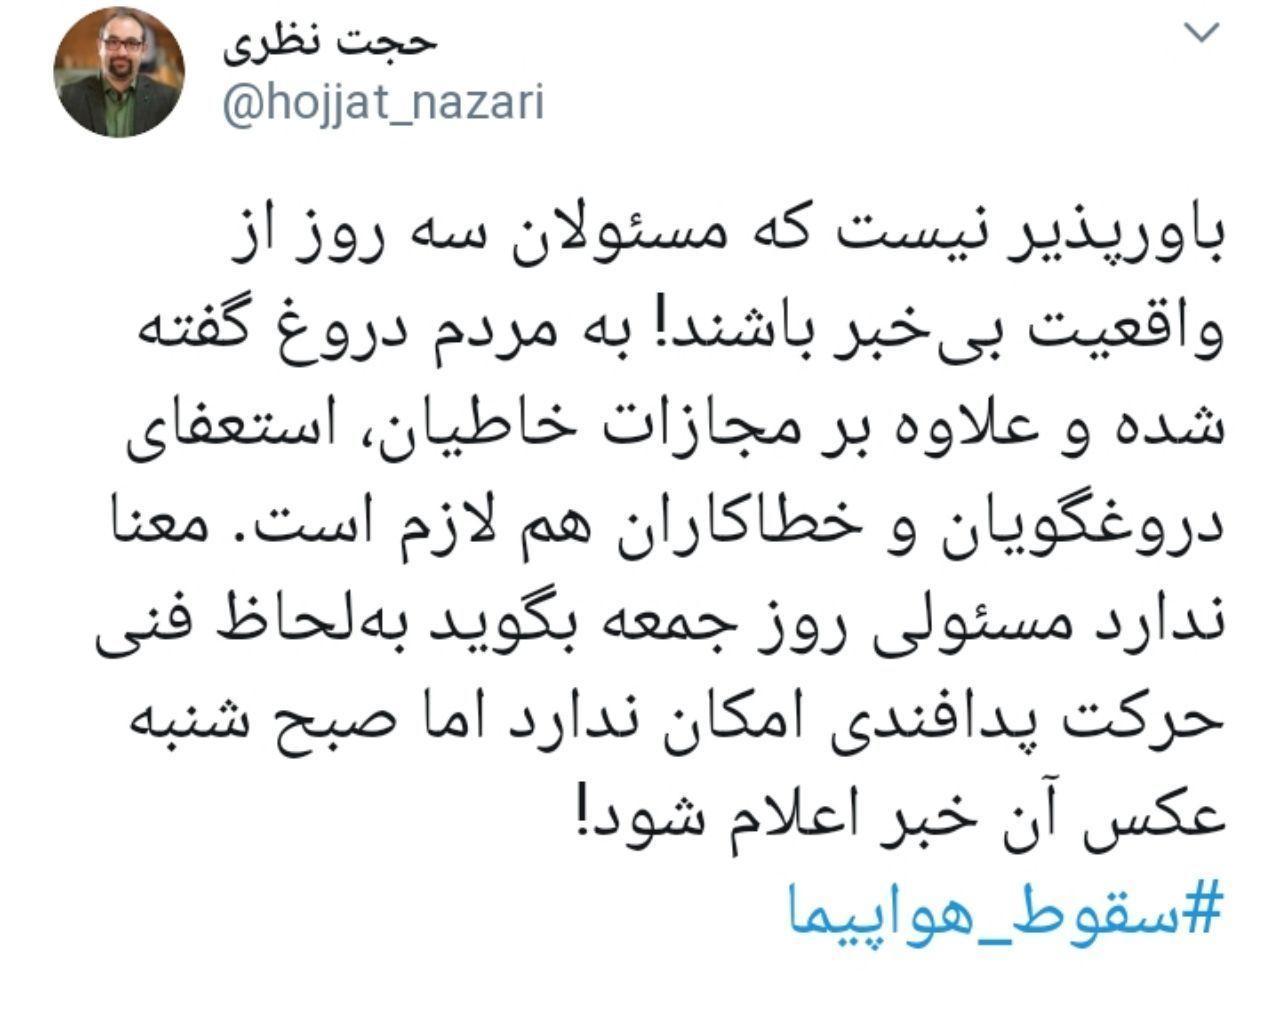 سخنگوی شورای شهر تهران در واکنش به به بیانیه ستاد مشترک در پی سقوط هواپیما